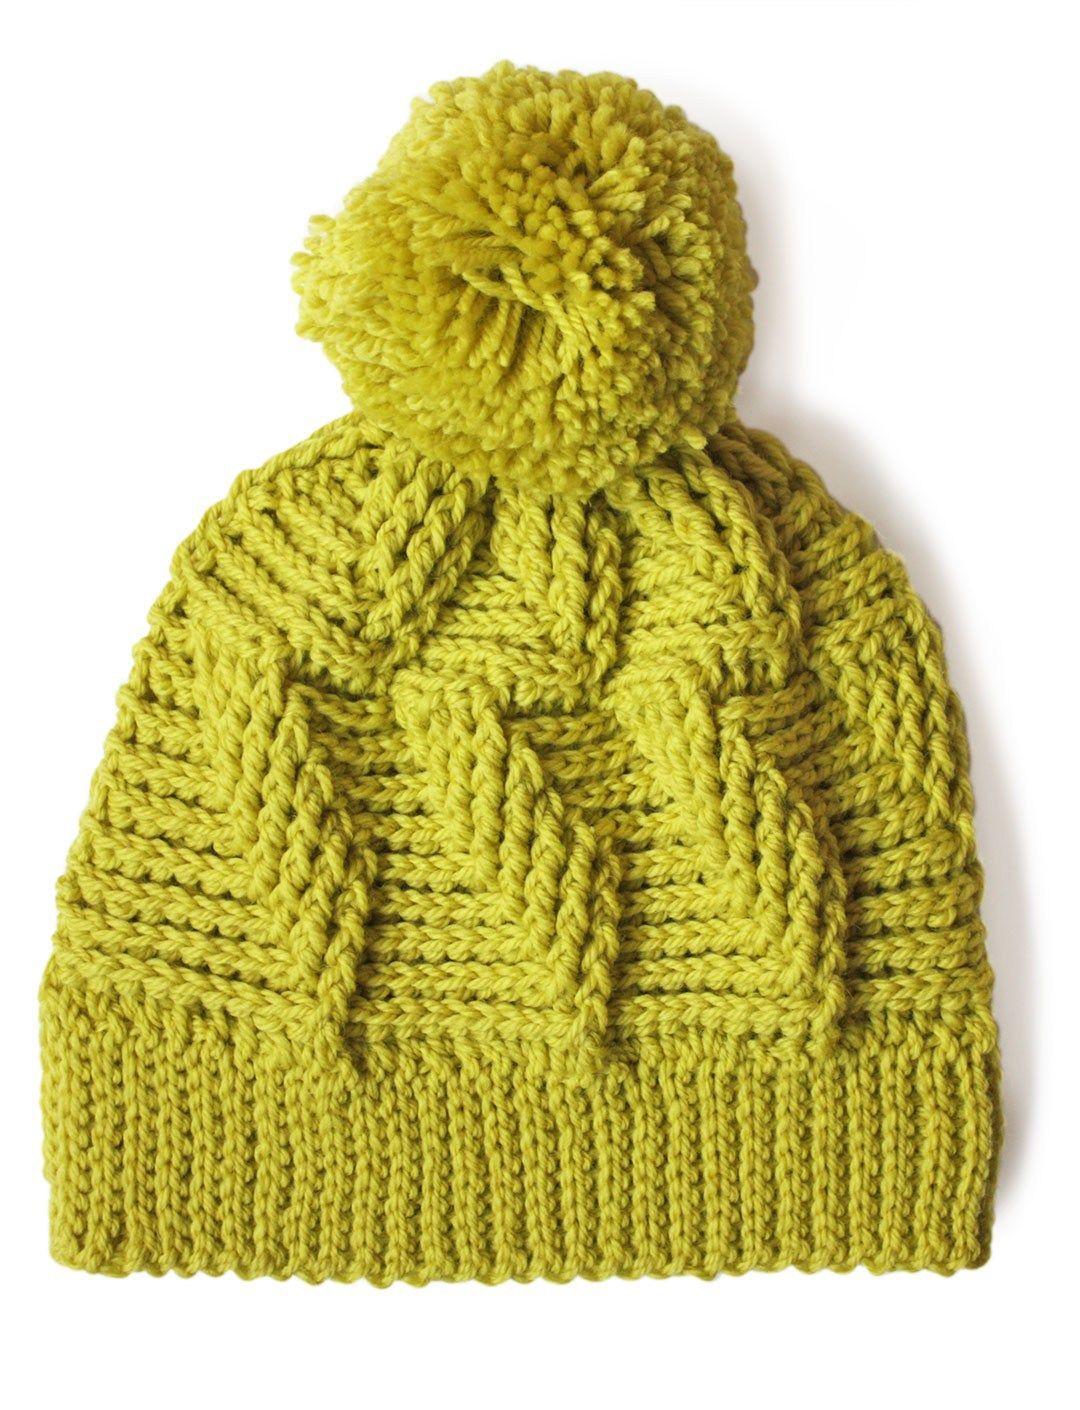 Crochet Hat Patterns that Look Knit | Pinterest | Gorro tejido y Tejido